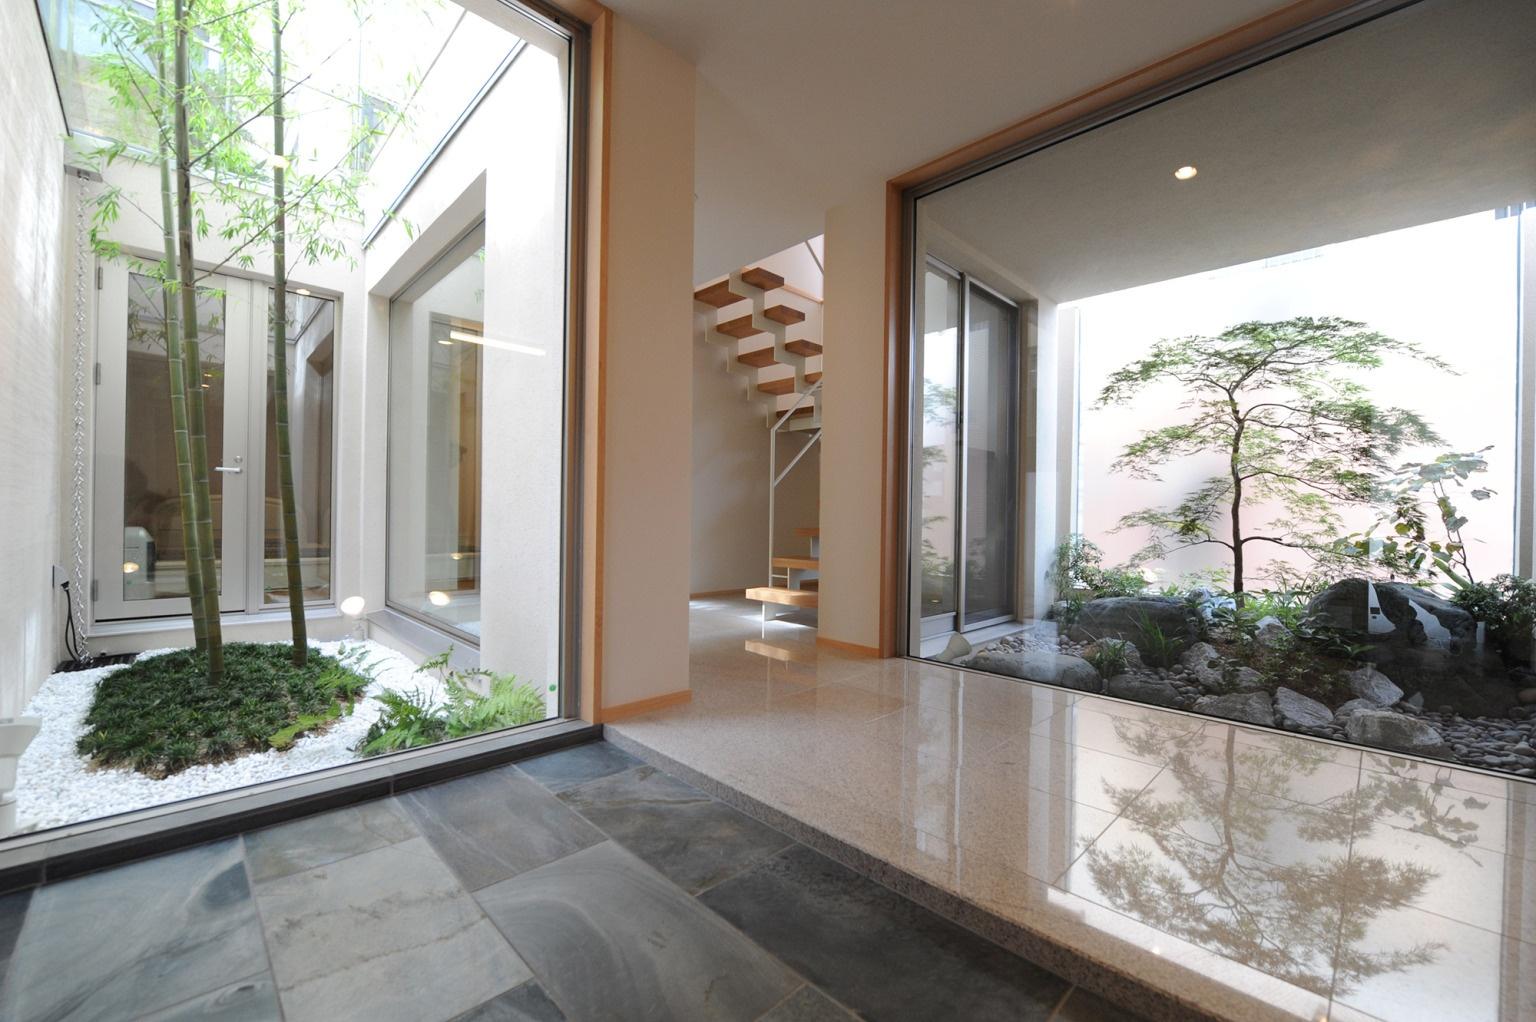 落ち着いた雰囲気のある、和の玄関空間